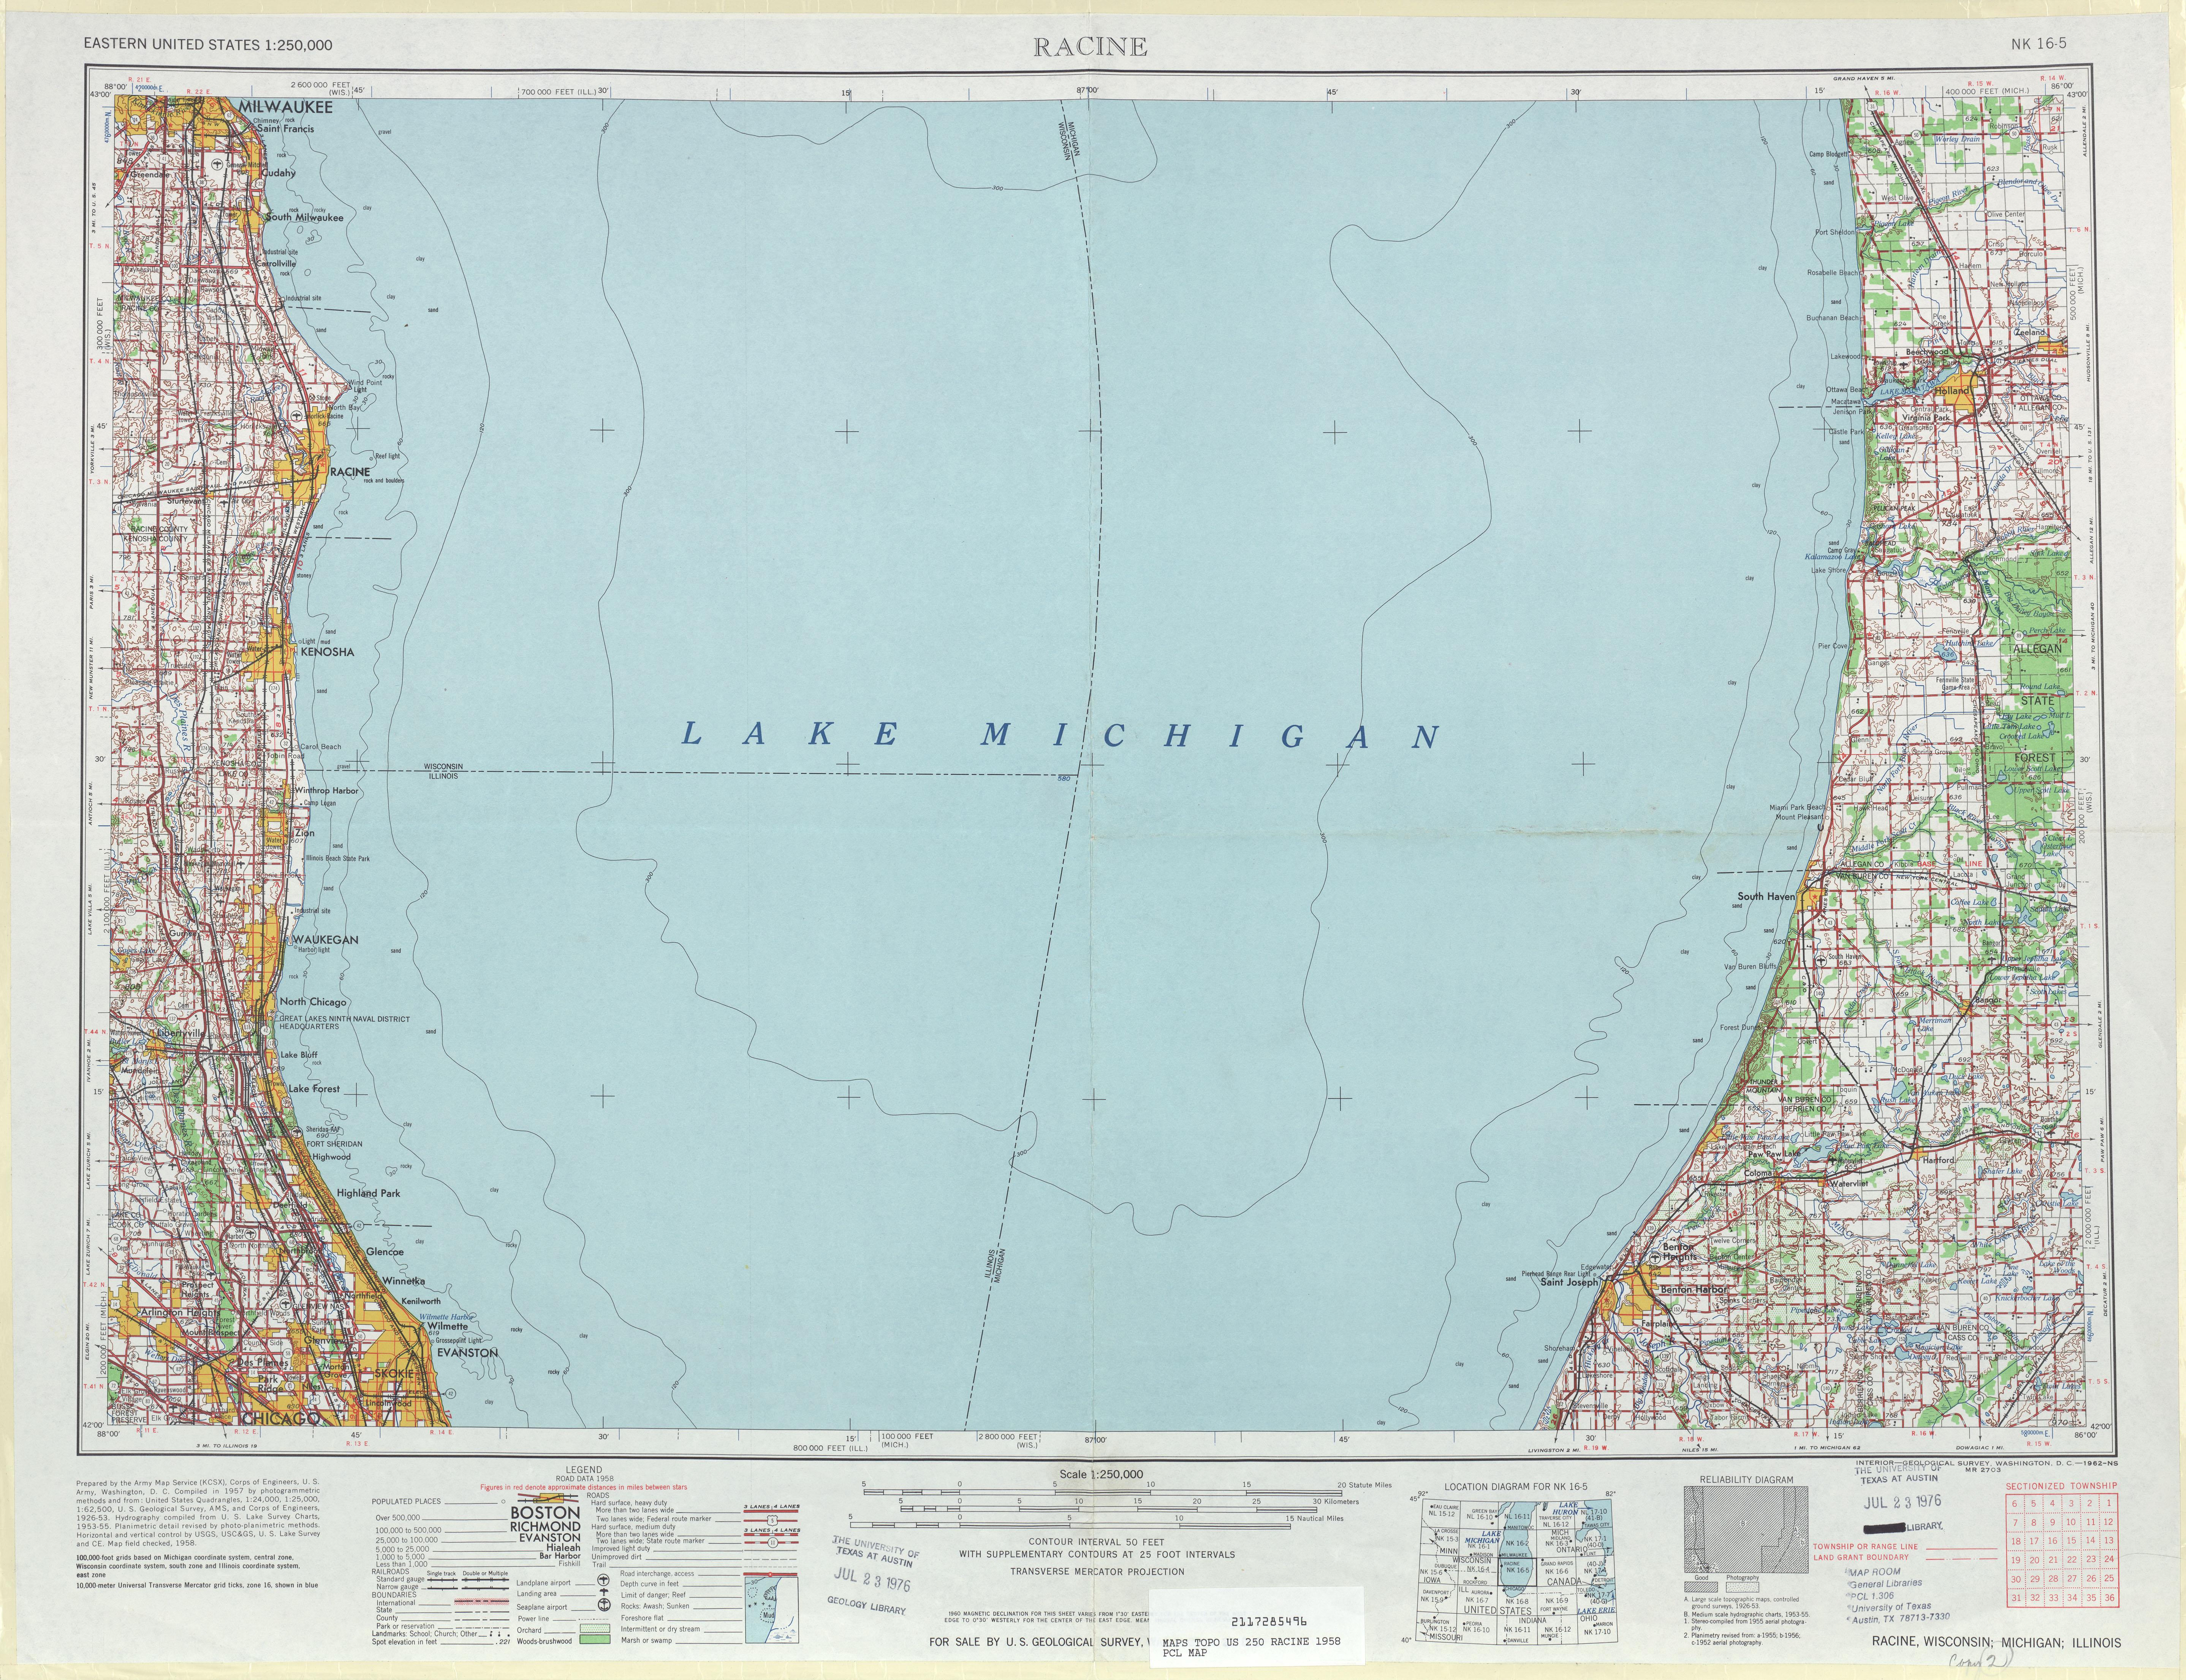 Hoja Racine del Mapa Topográfico de los Estados Unidos 1958